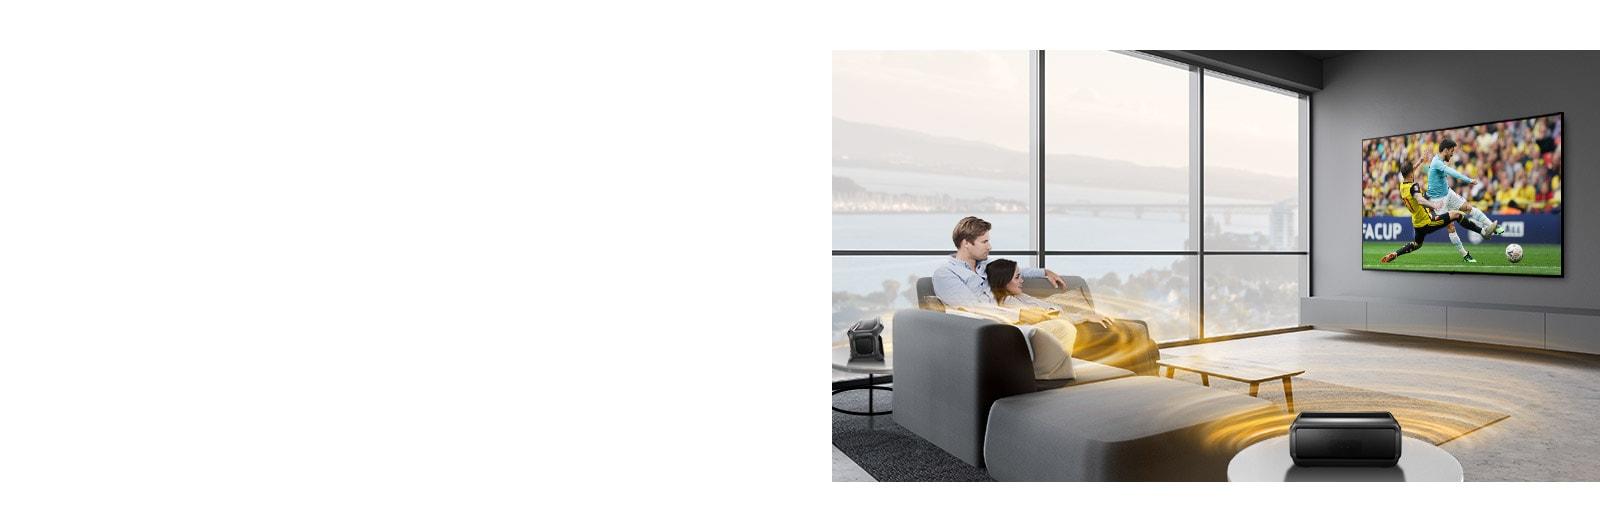 Un hombre y una mujer viendo un juego de deportes en la televisión en la sala con altavoces traseros Bluetooth